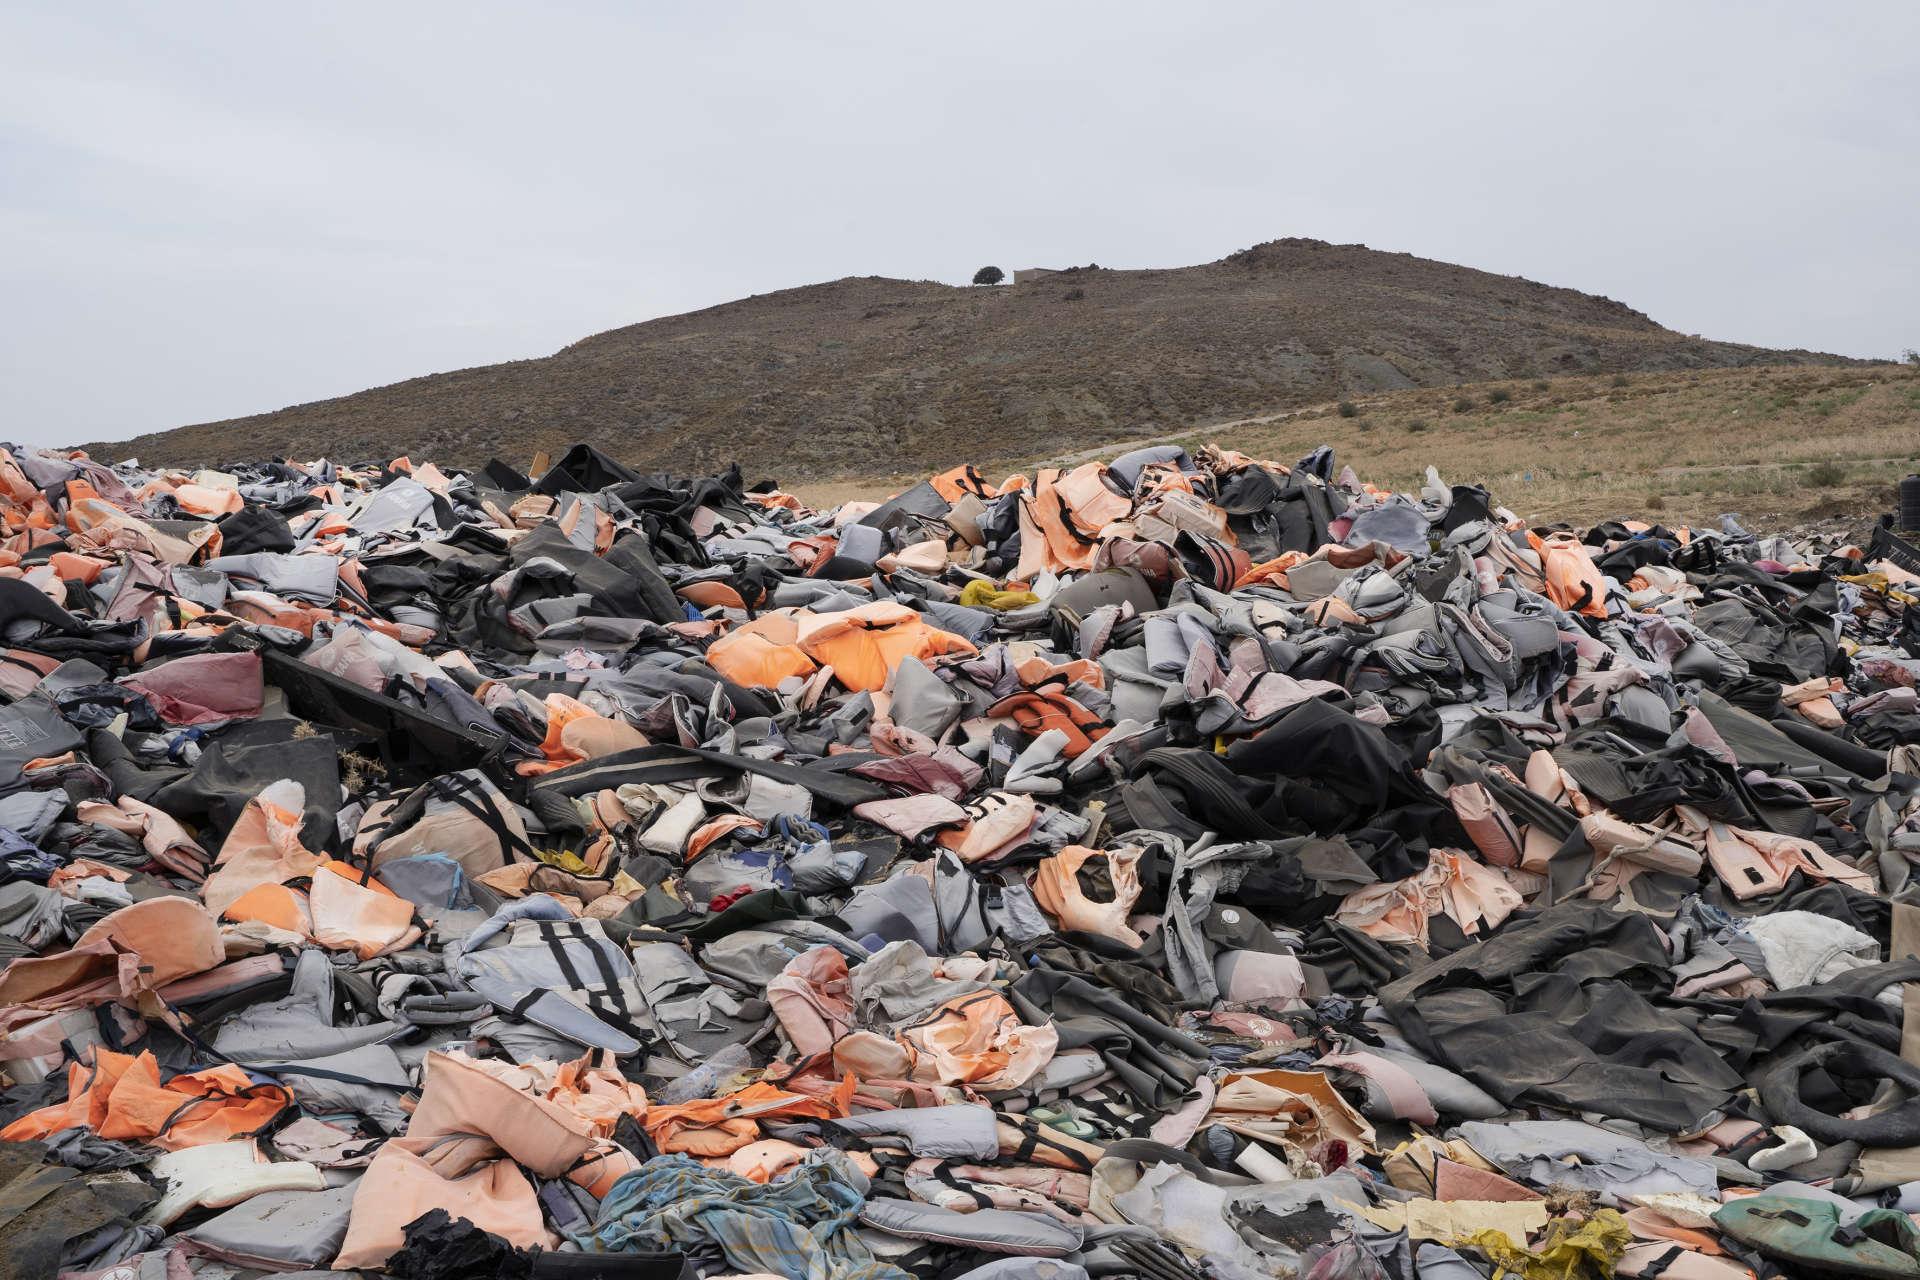 La décharge de l'île de Lesbos. Ici s'amassent des gilets de sauvetages, des bouées et des restes d'embarcations qui ont servi aux réfugiés.